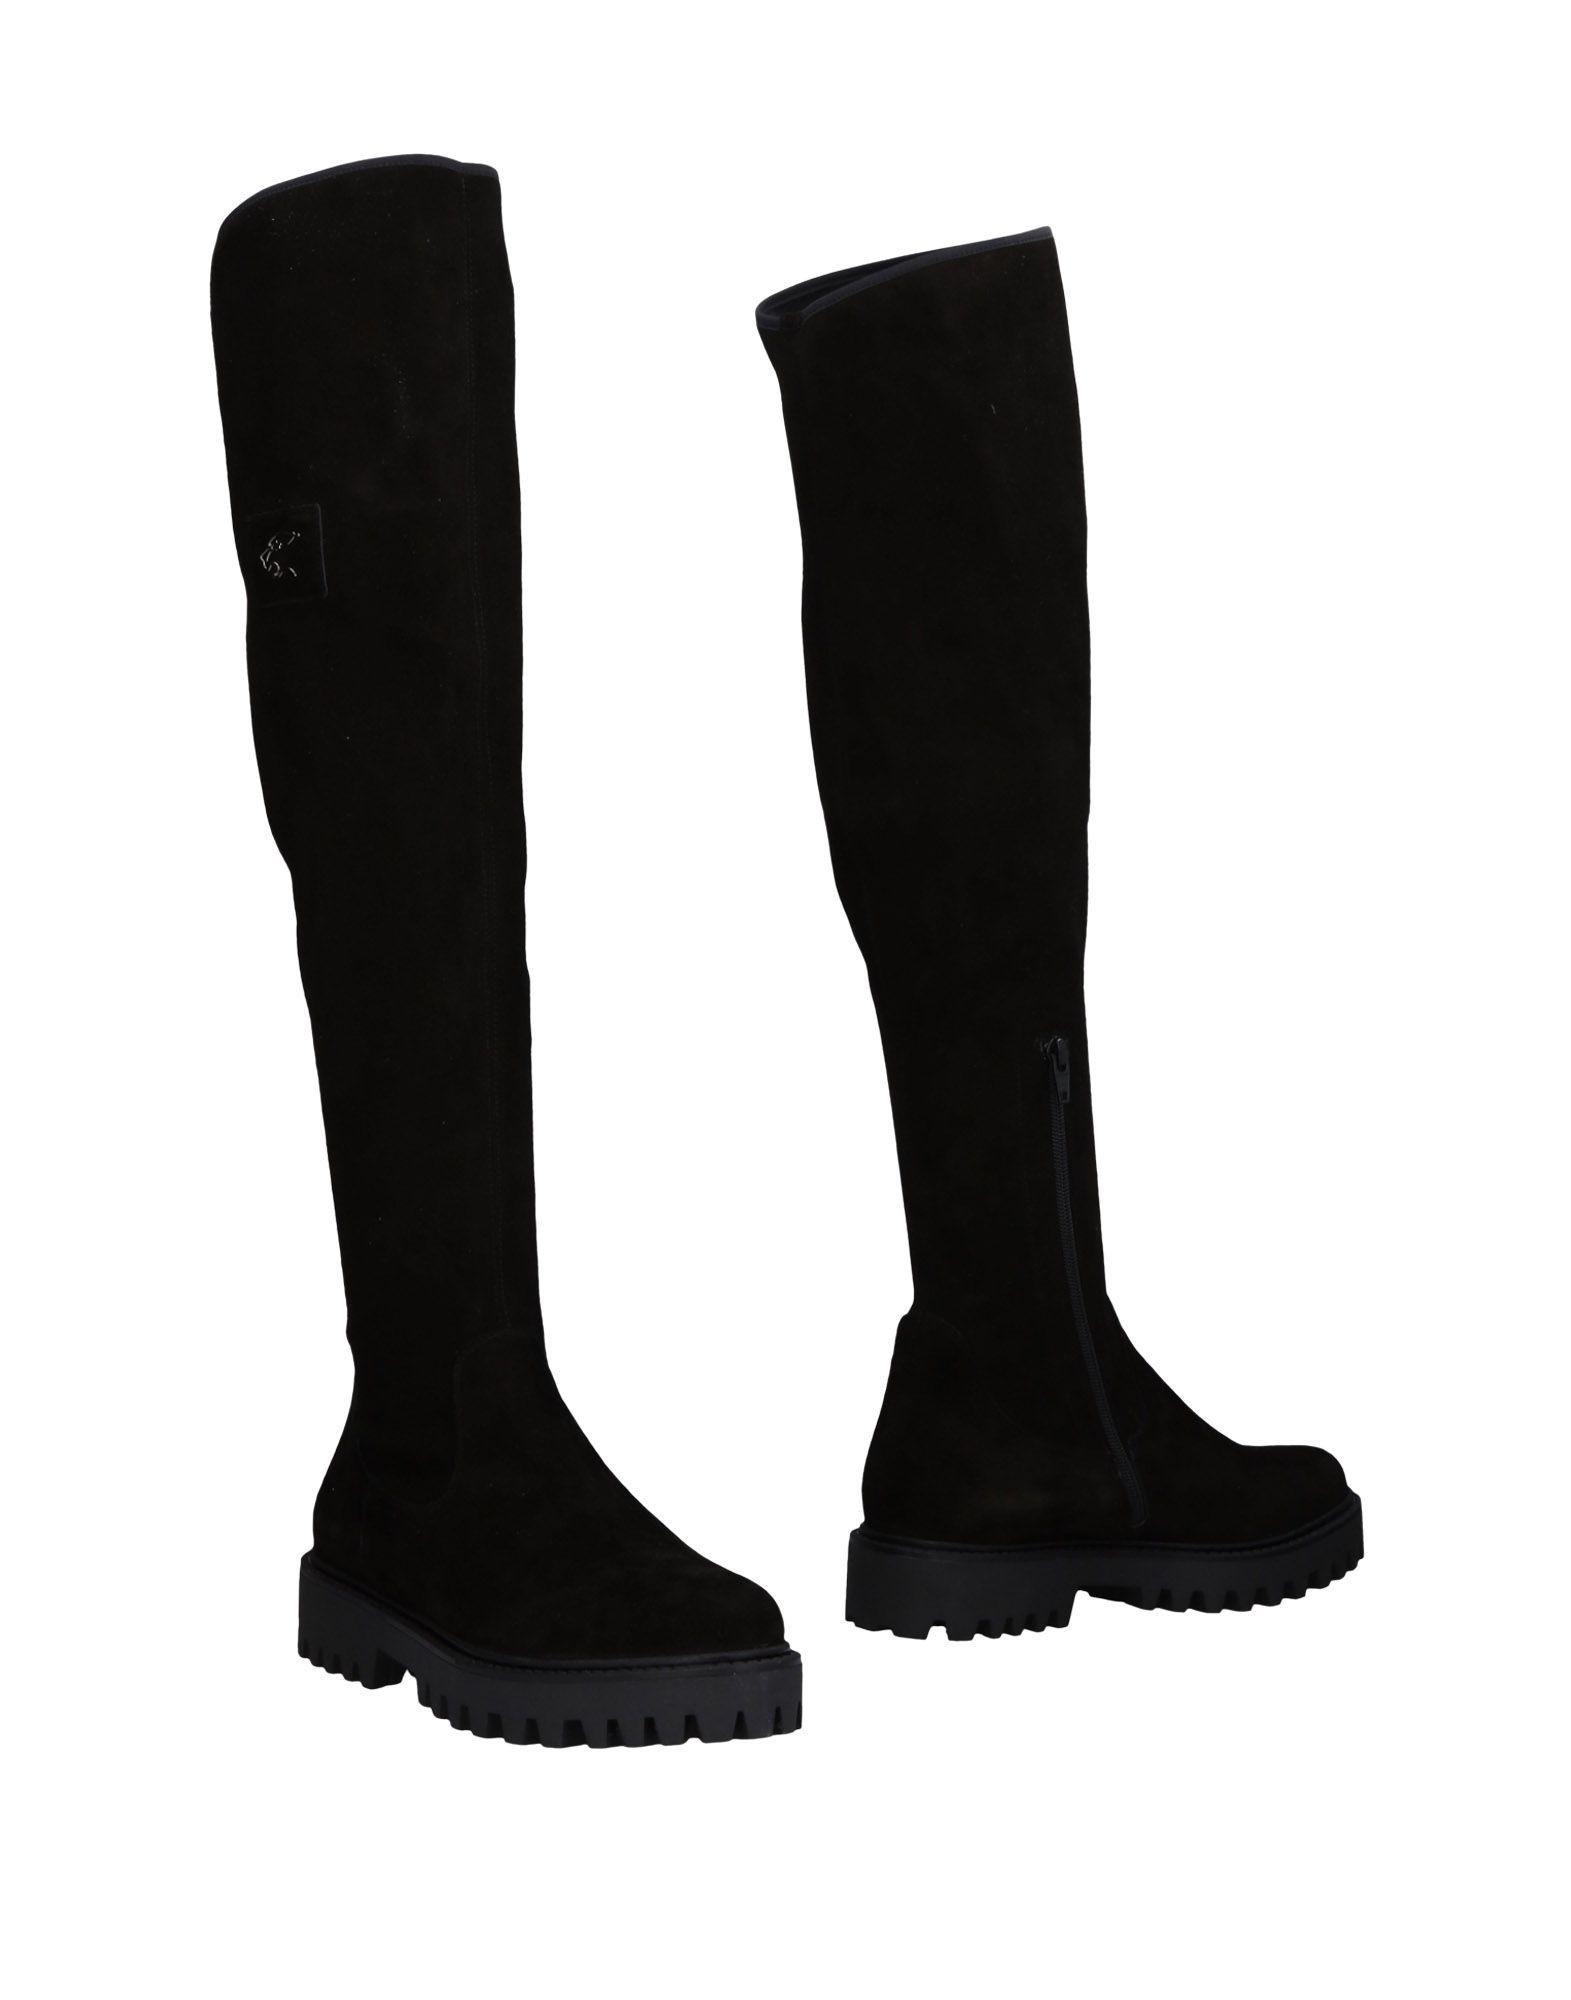 Norma J.Baker Stiefel Damen  11476984OM Beliebte Beliebte Beliebte Schuhe 93adee